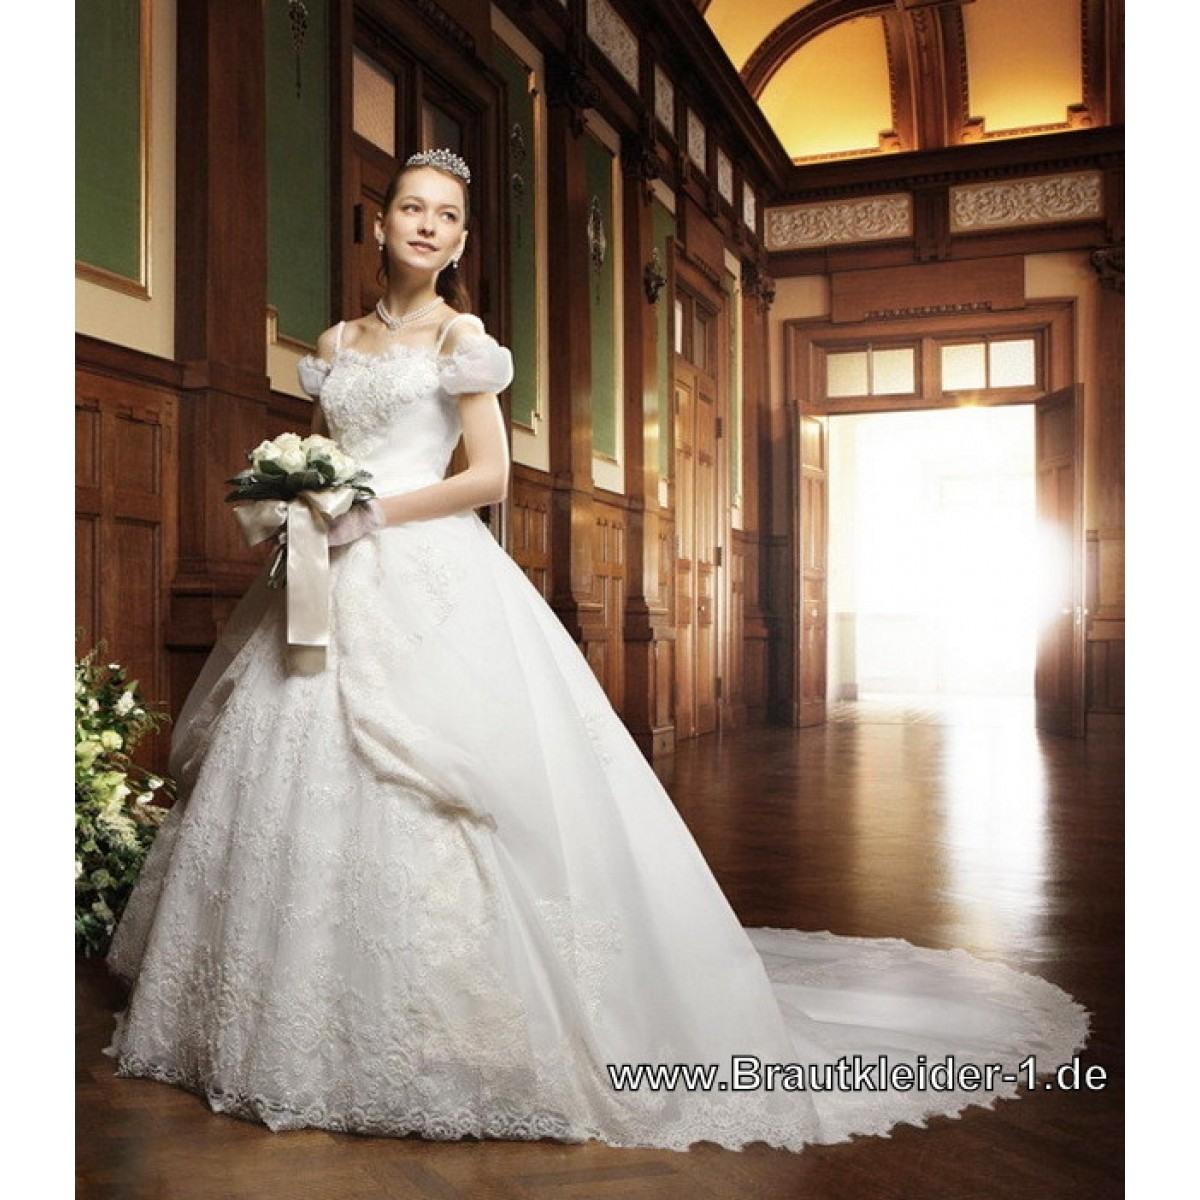 Formal Luxurius Sissi Brautkleid Vertrieb13 Cool Sissi Brautkleid Design